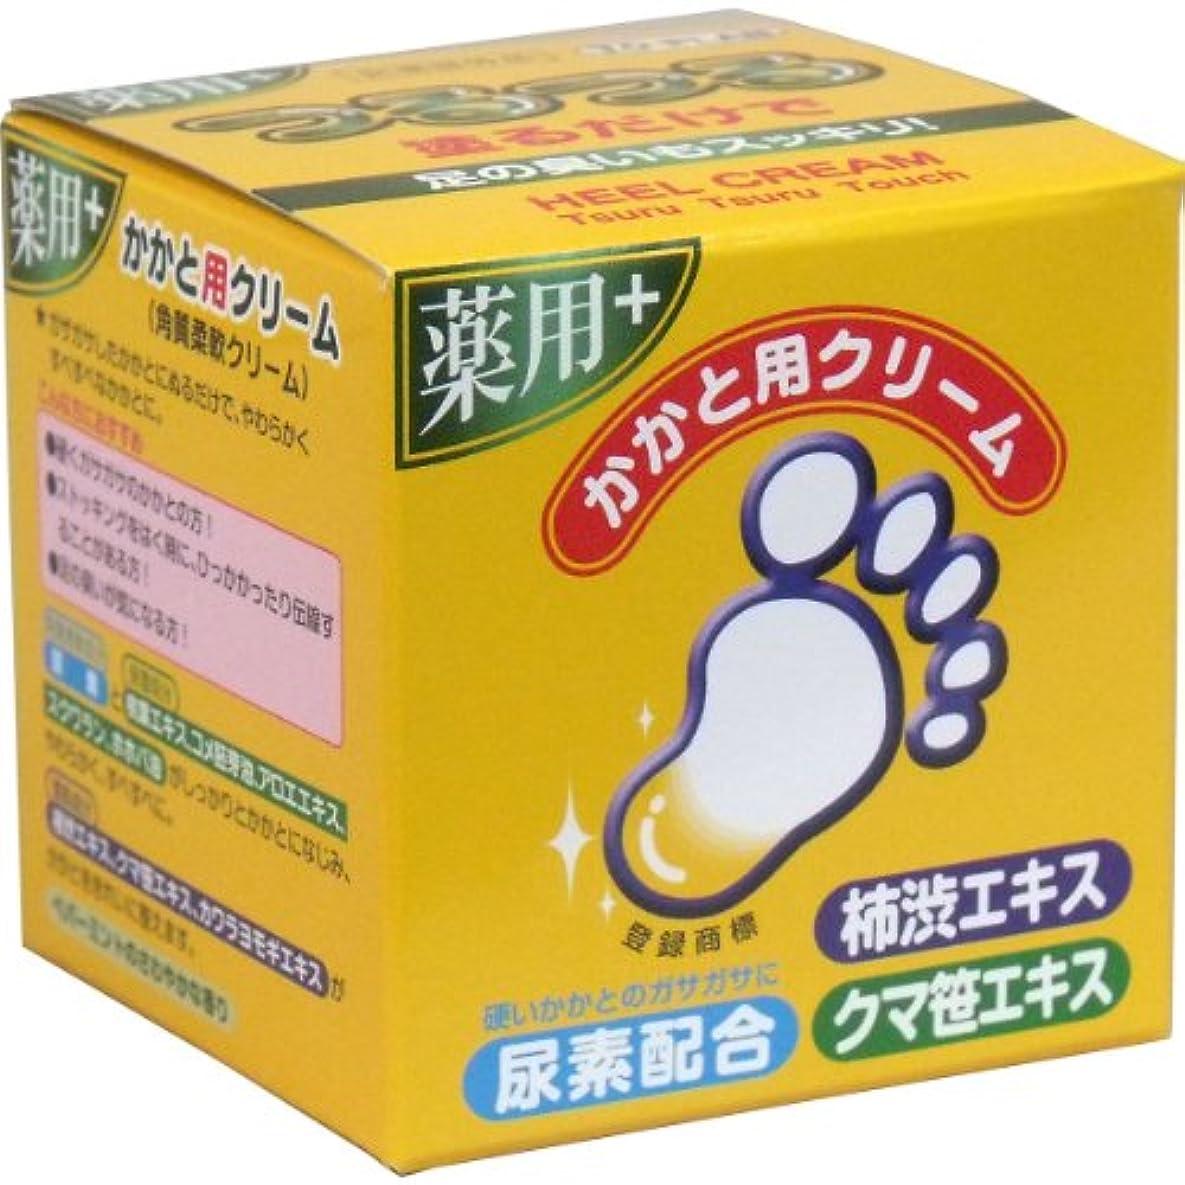 オリエントサラミ虚栄心TO-PLAN(トプラン) 薬用かかと用クリーム 110g